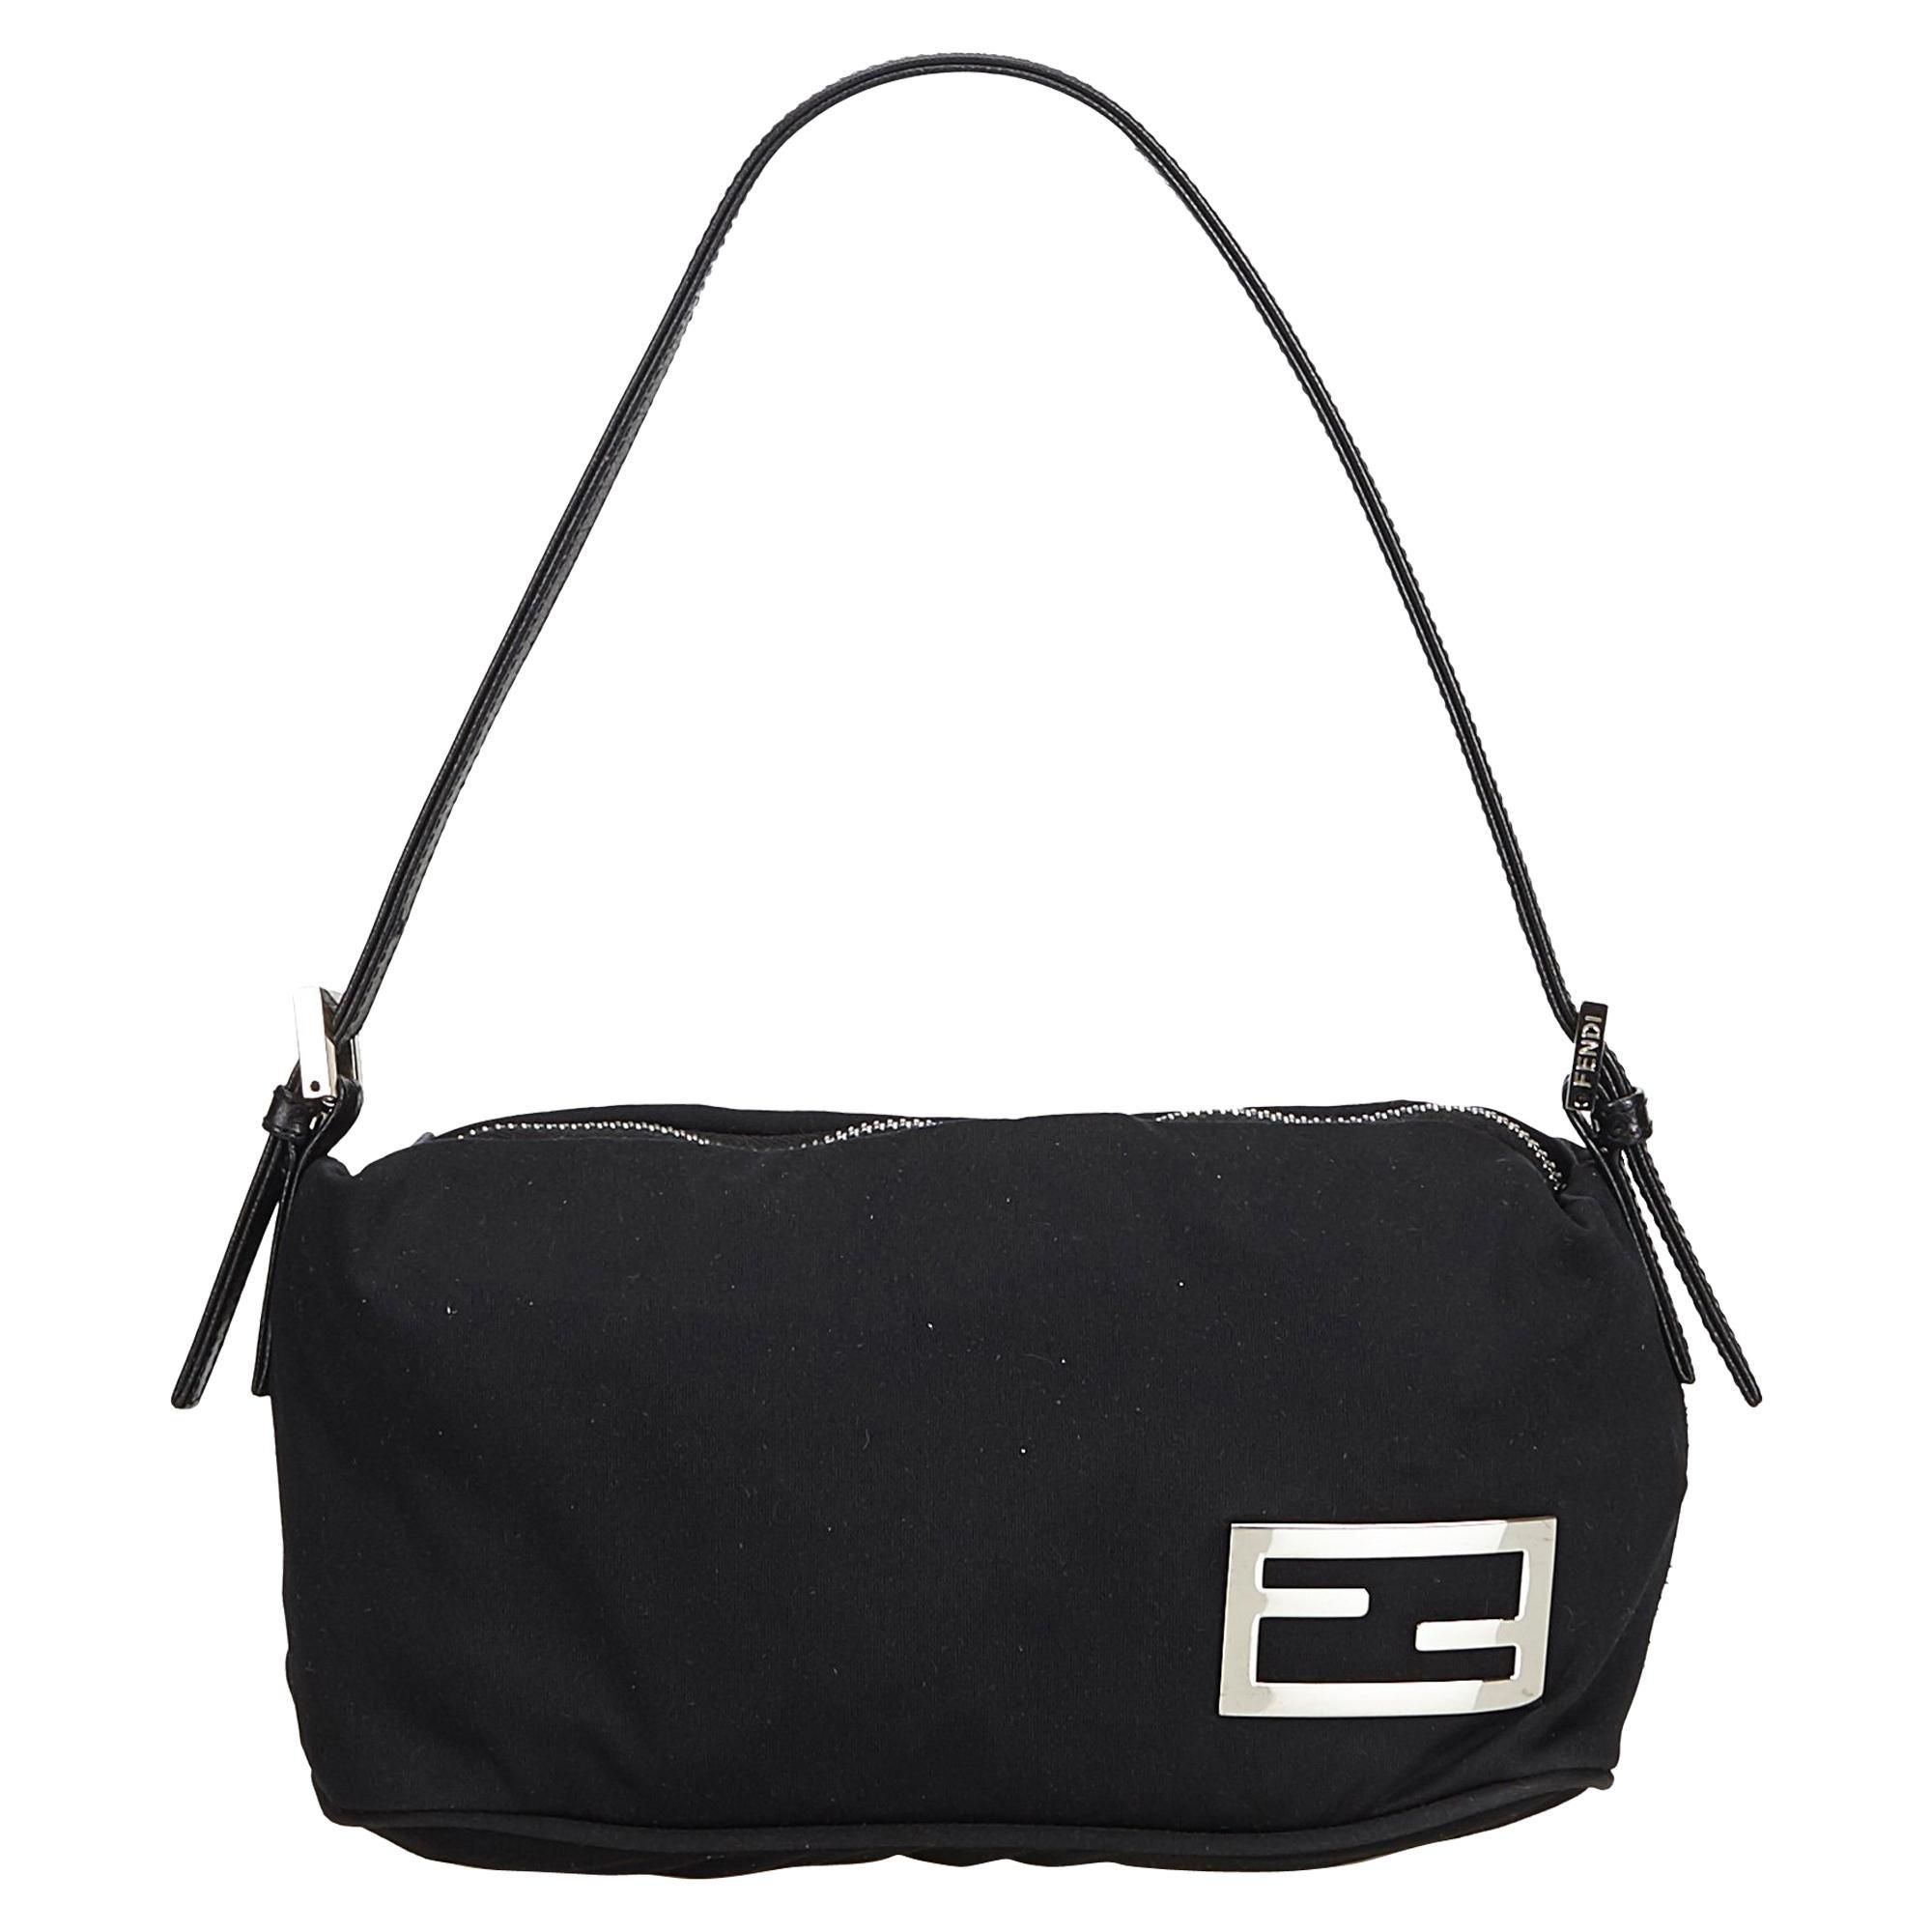 a5cf6ea88c5b Vintage Fendi Handbags and Purses - 1